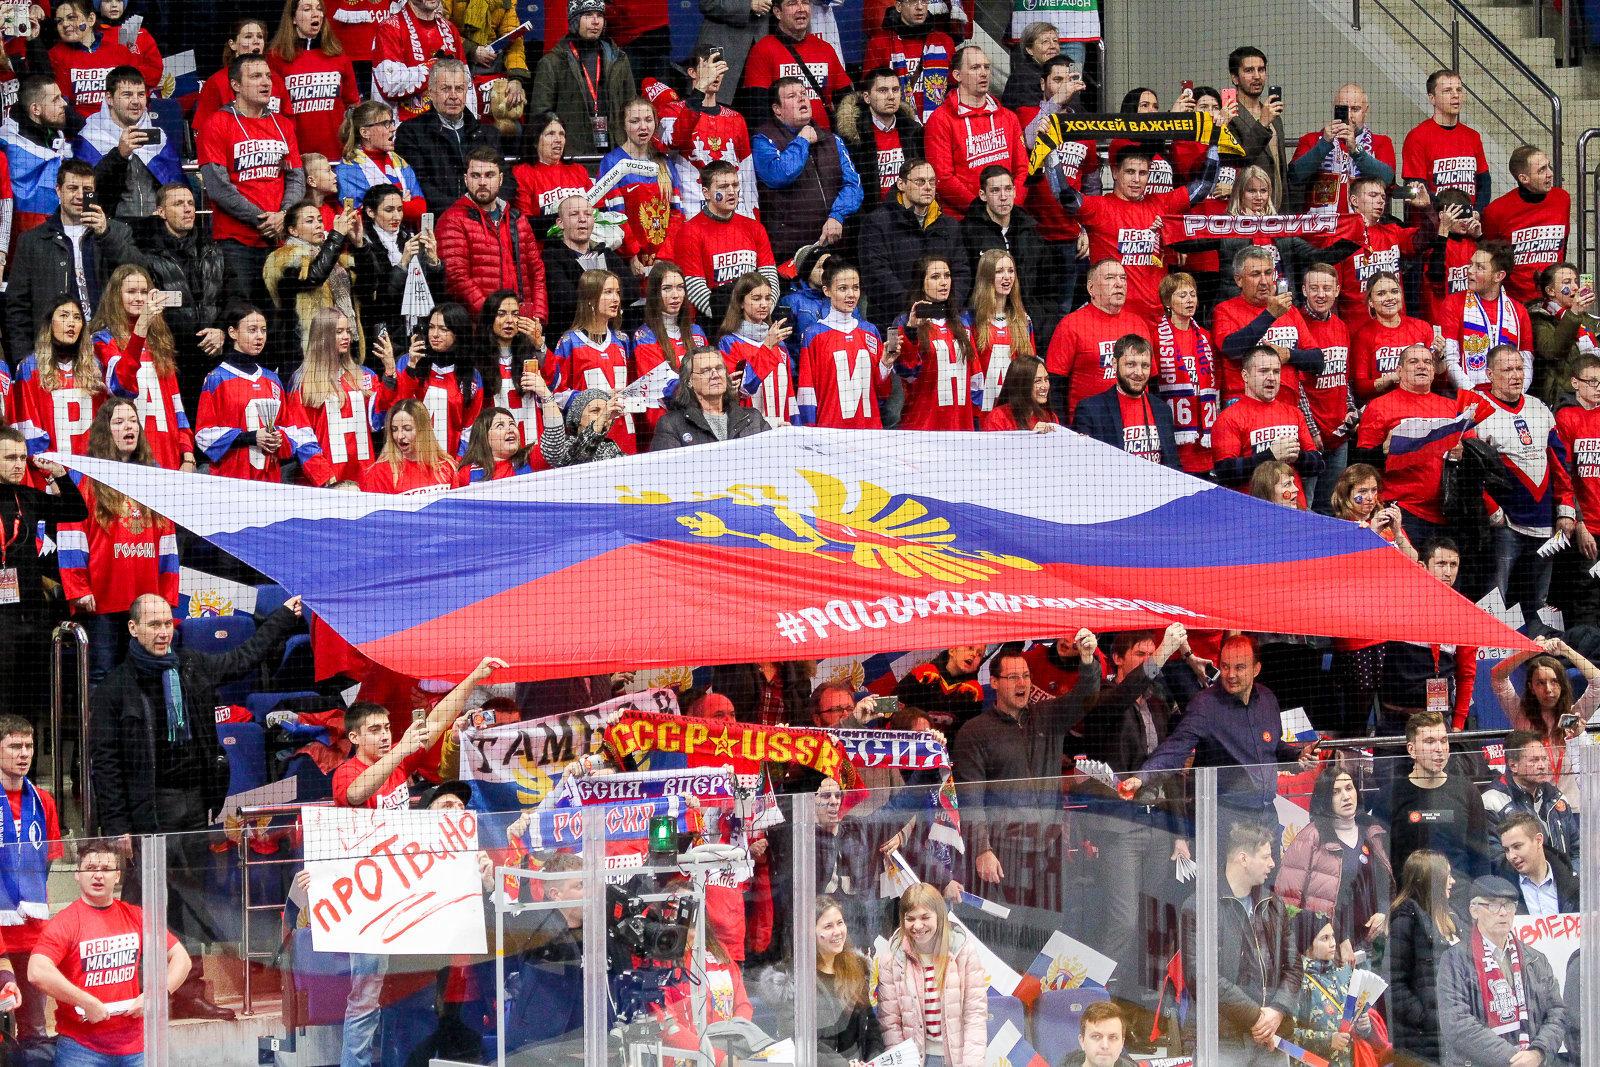 Половина граждан РФ поддерживает запрет профессионального футбола впользу детского спорта